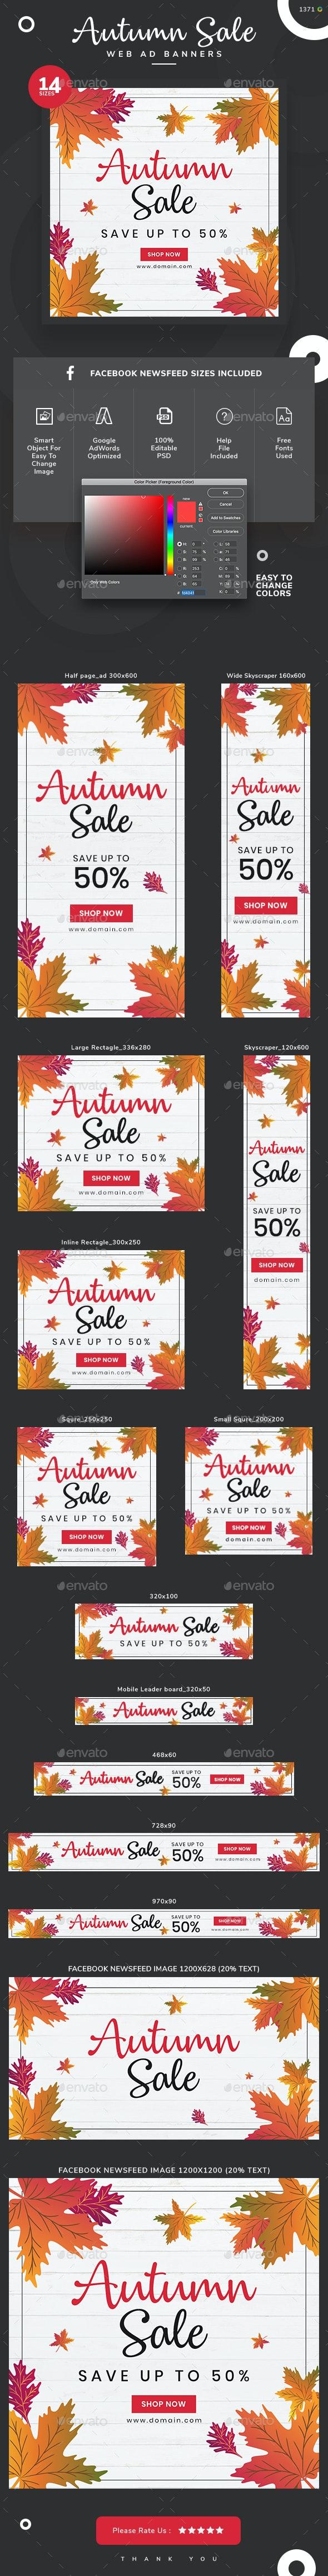 Autumn Sale Banner Set - Banners & Ads Web Elements